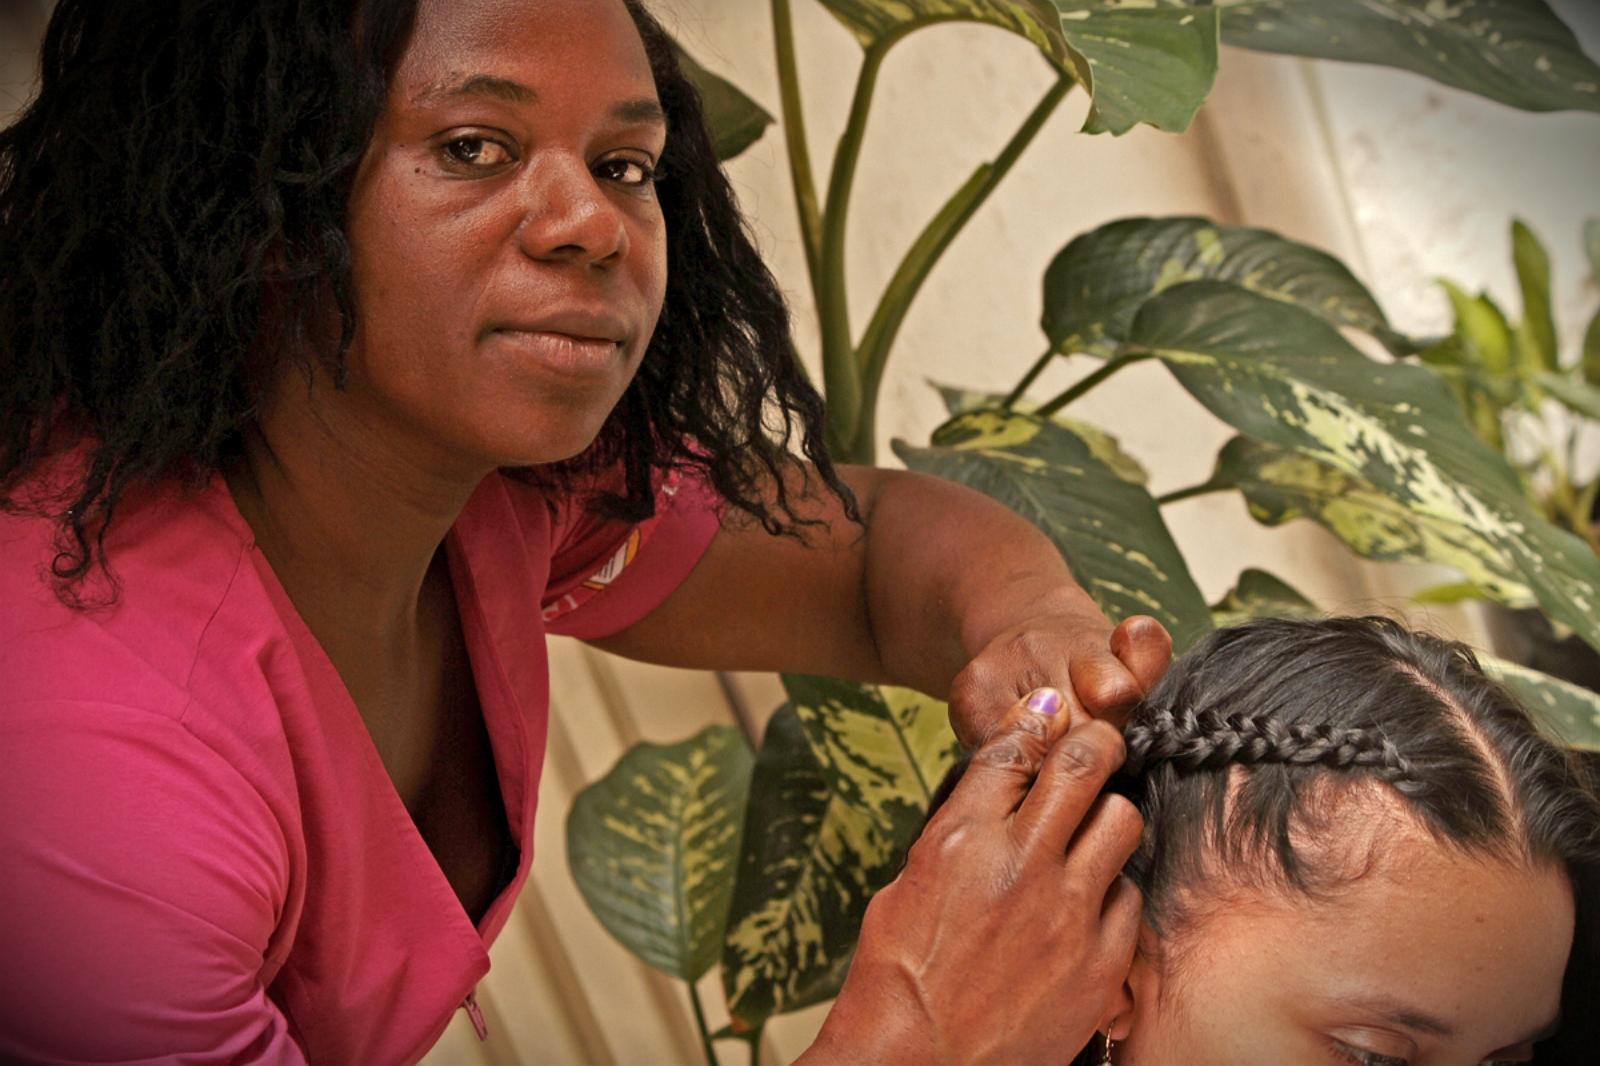 historias/cauca/la-mujer-que-conserva-la-tradicion-de-los-peinados-afro-en-cauca-